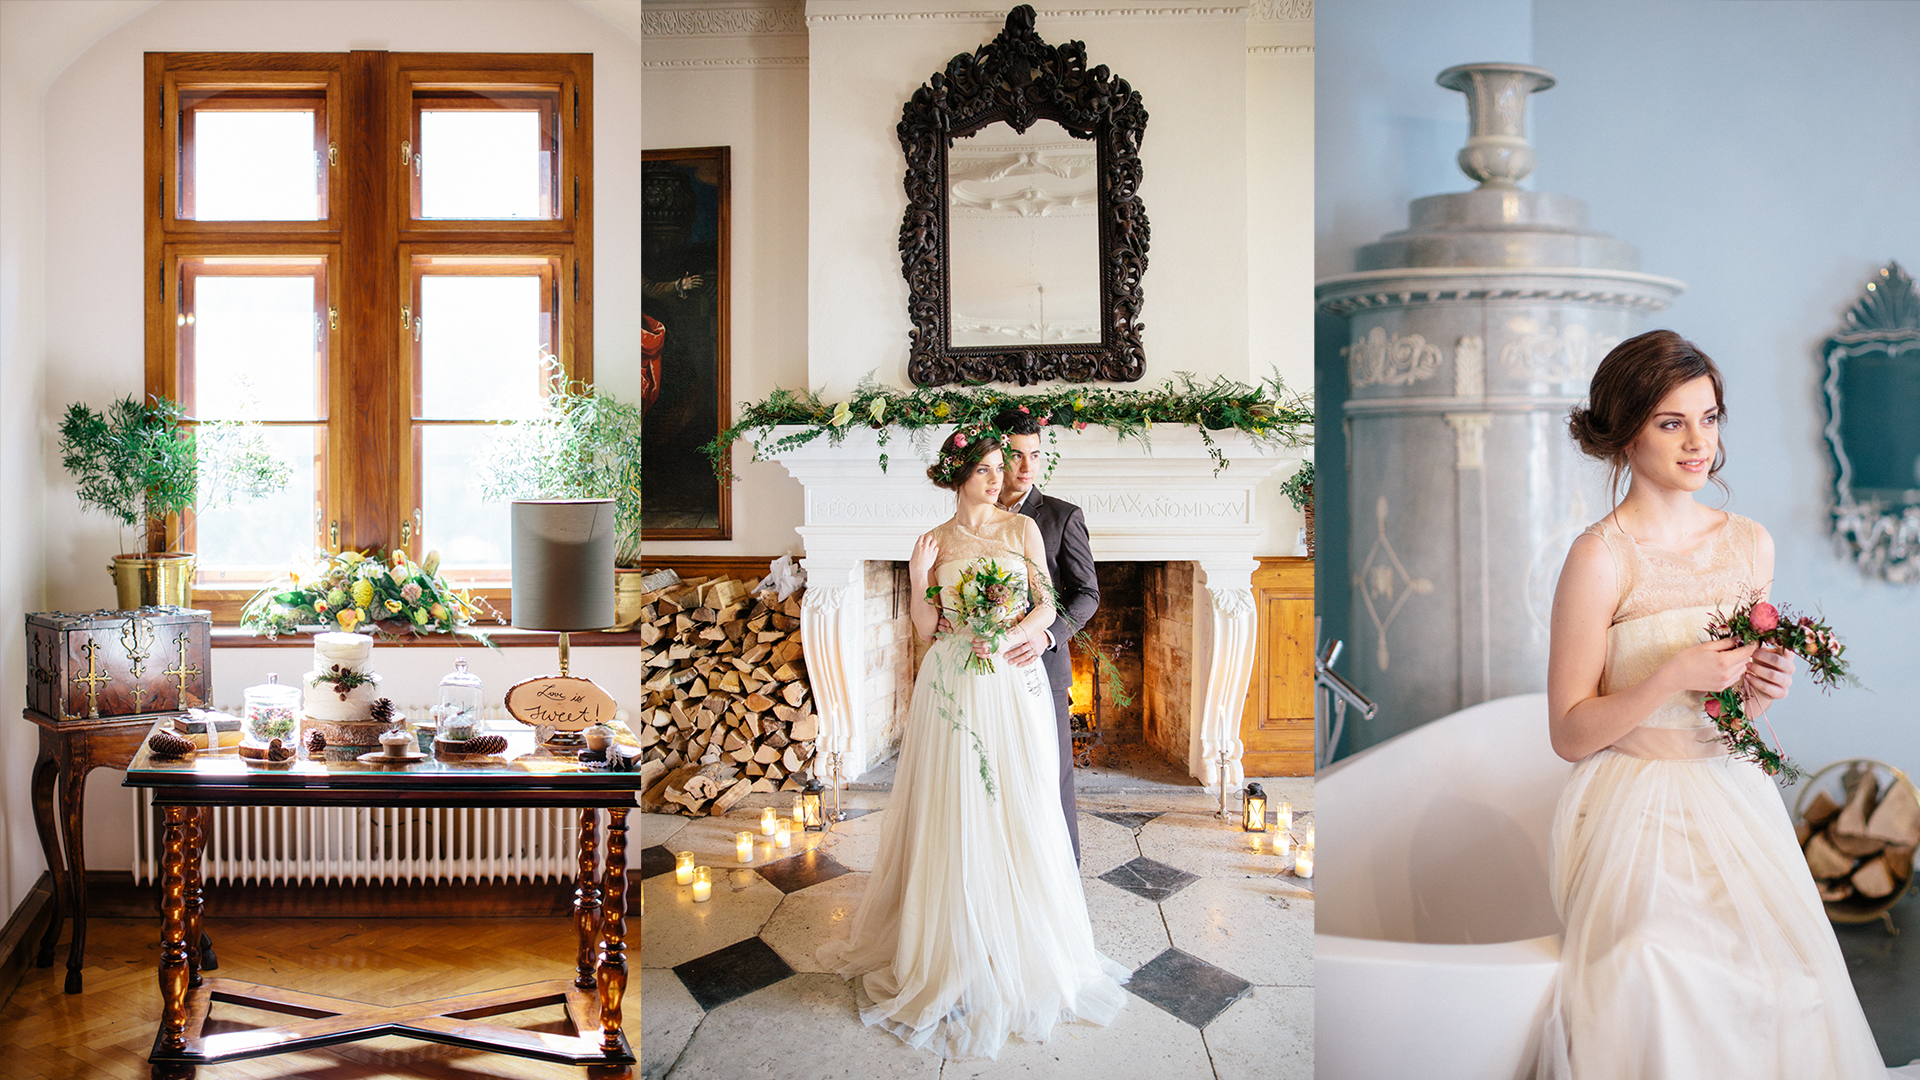 Gartenschloss Herberstein auf Ice-Wedding.at auf Ice-Wedding.at 5